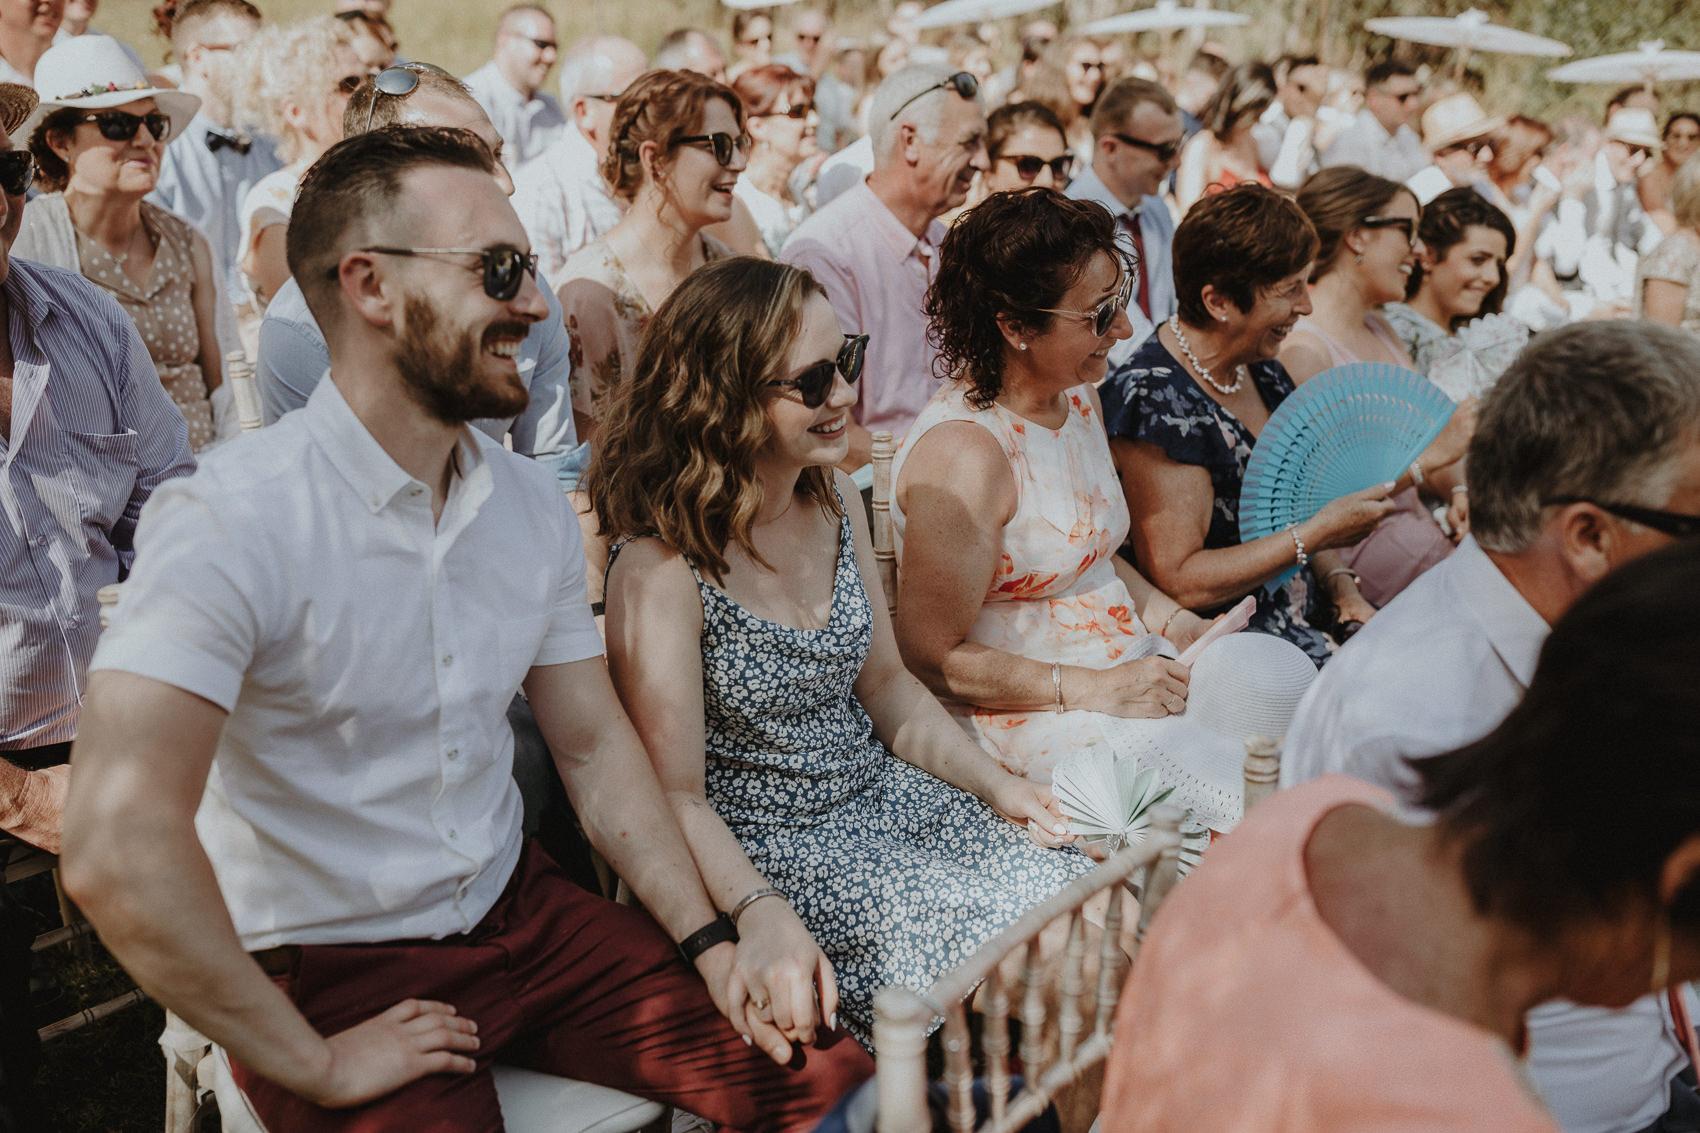 Sarah & Bill | Summer wedding at Cortijo Rosa Blanca | Marbella - Spain 75